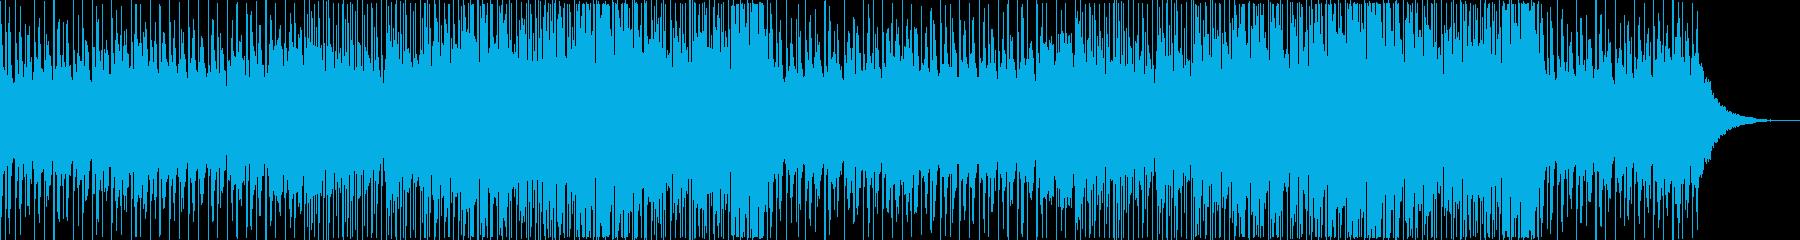 爽やかでお洒落な洋楽 アコースティックの再生済みの波形